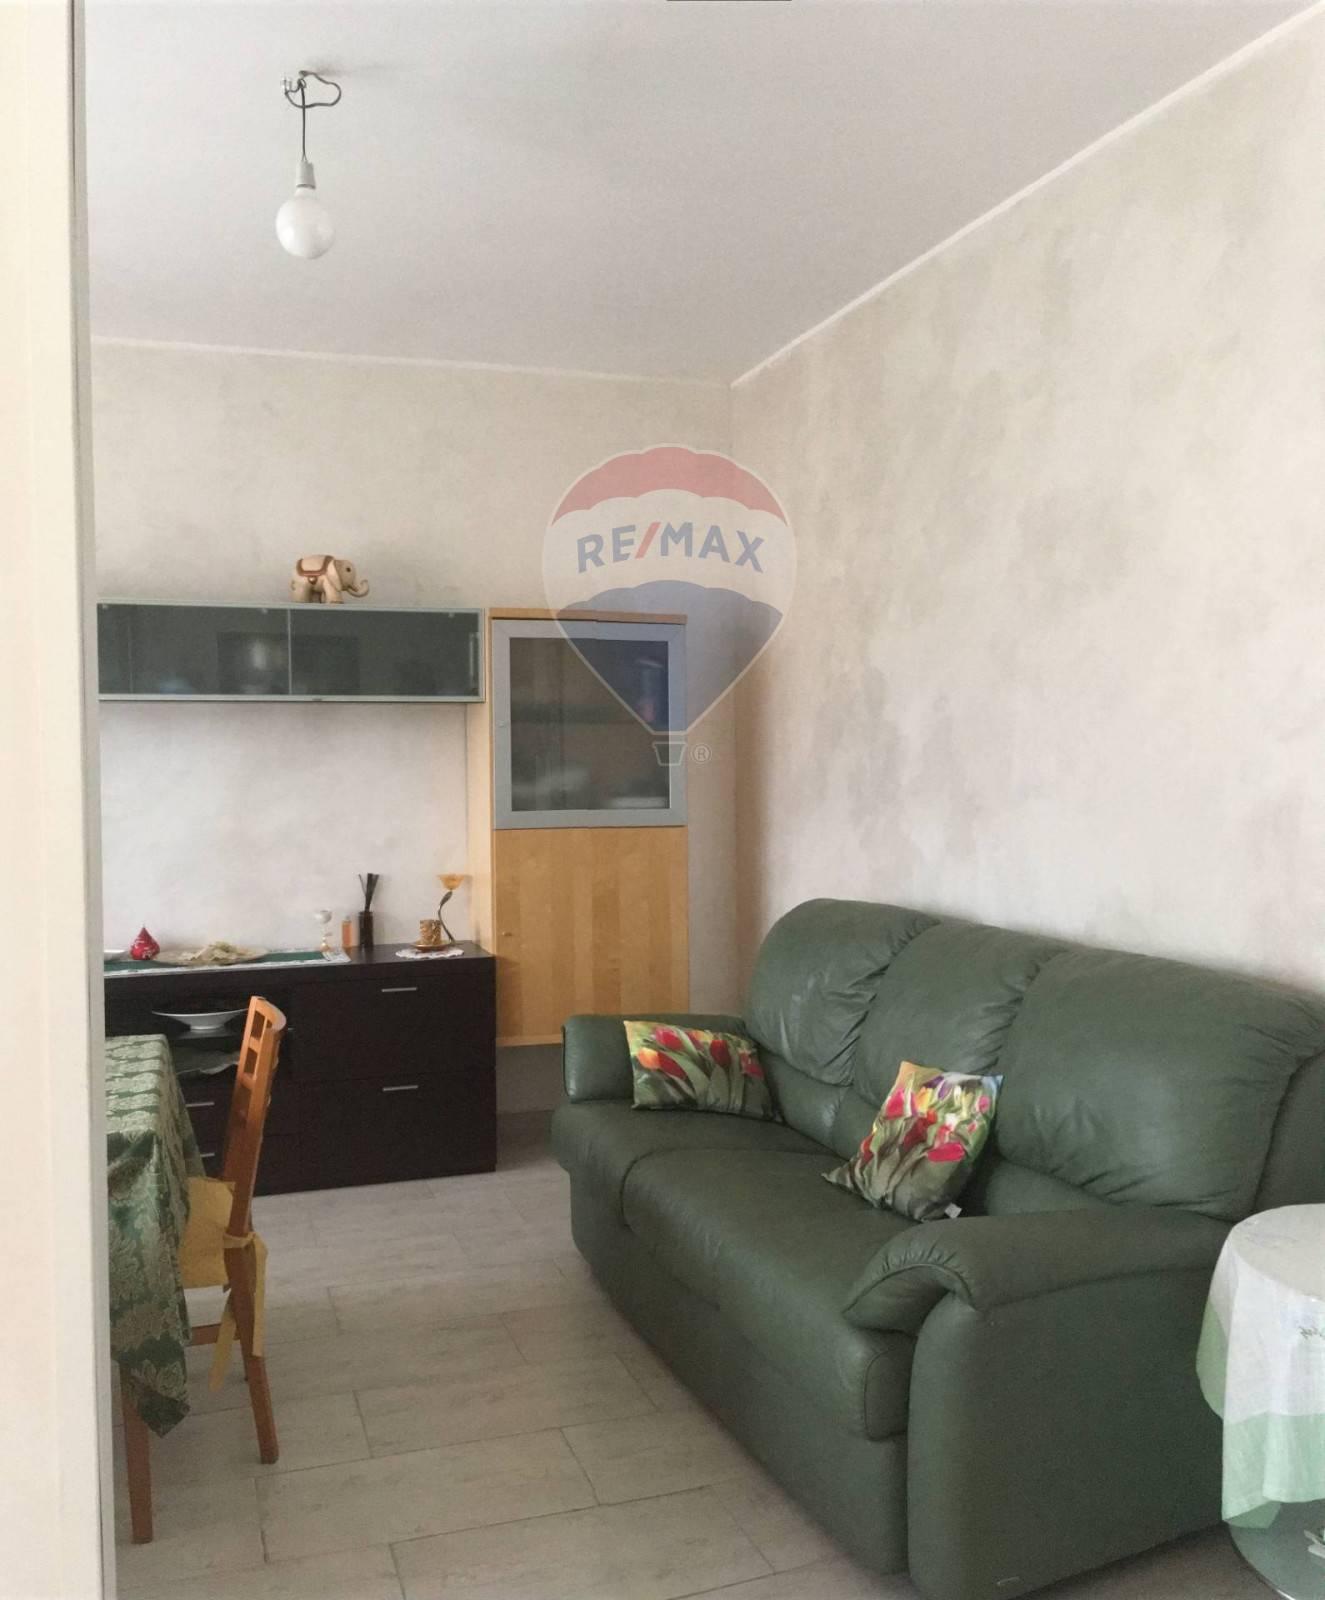 Appartamento in vendita a Ripa Teatina, 7 locali, prezzo € 110.000 | CambioCasa.it